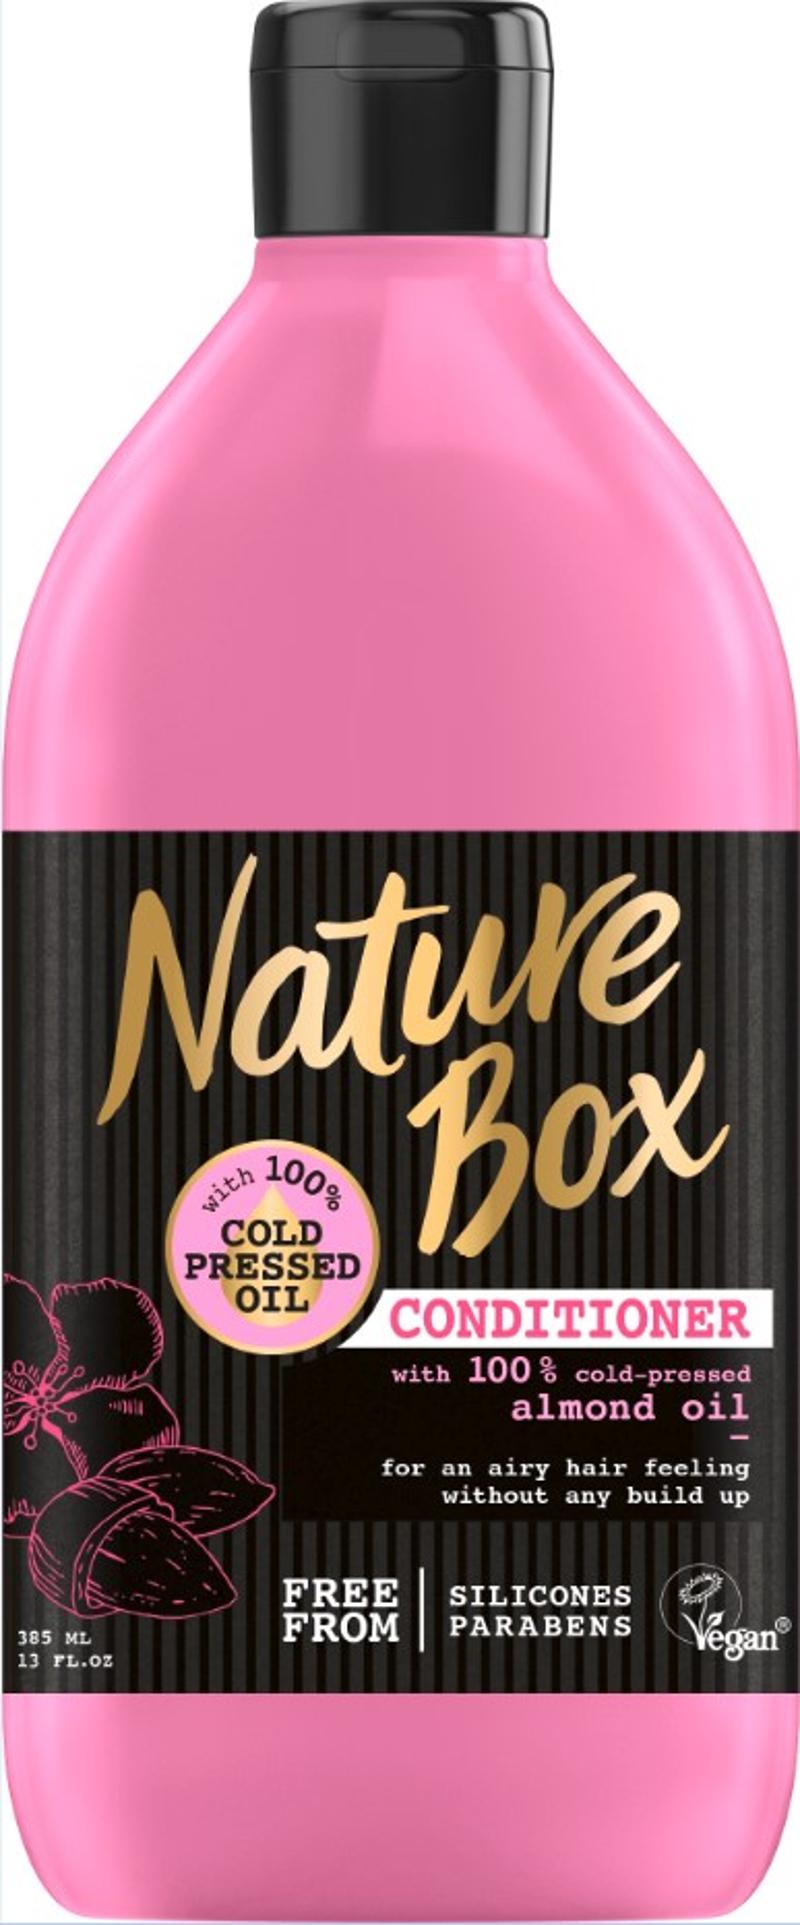 Το conditioner της σειράς Nature Box με άρωμα αμύγδαλο